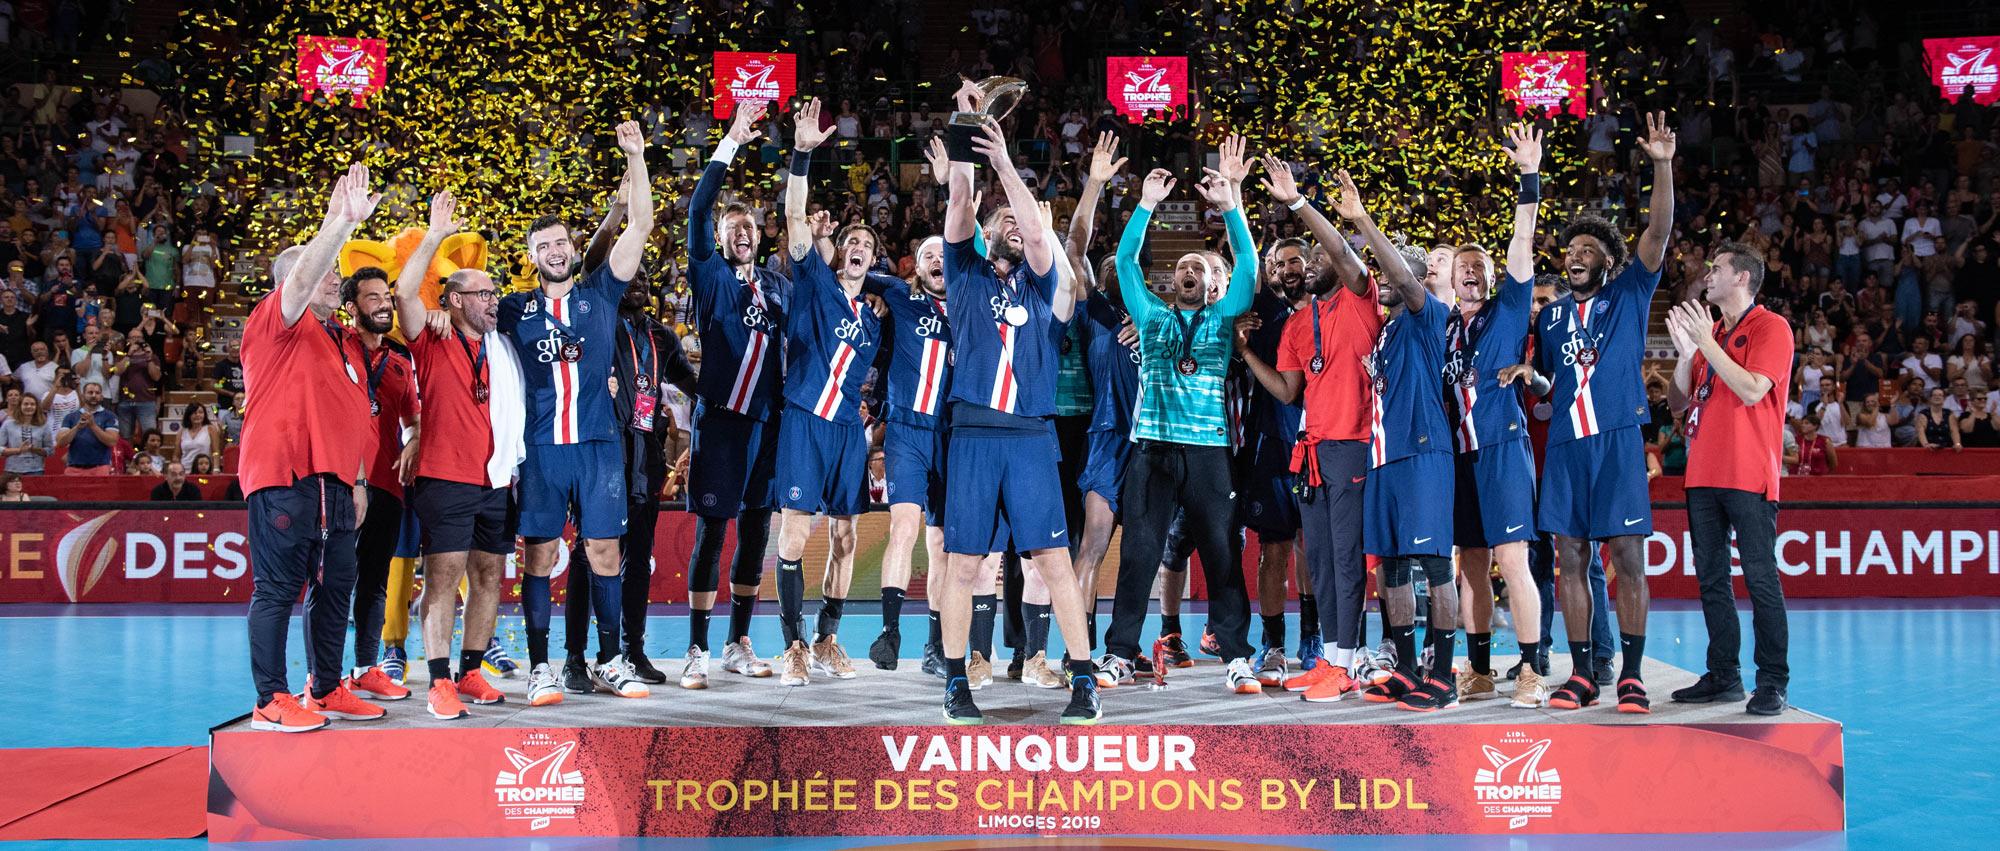 Samedi dernier à Limoges devant 4700 spectateurs, l'ailier gauche parisien a remporté son premier Trophée avec le PSG.